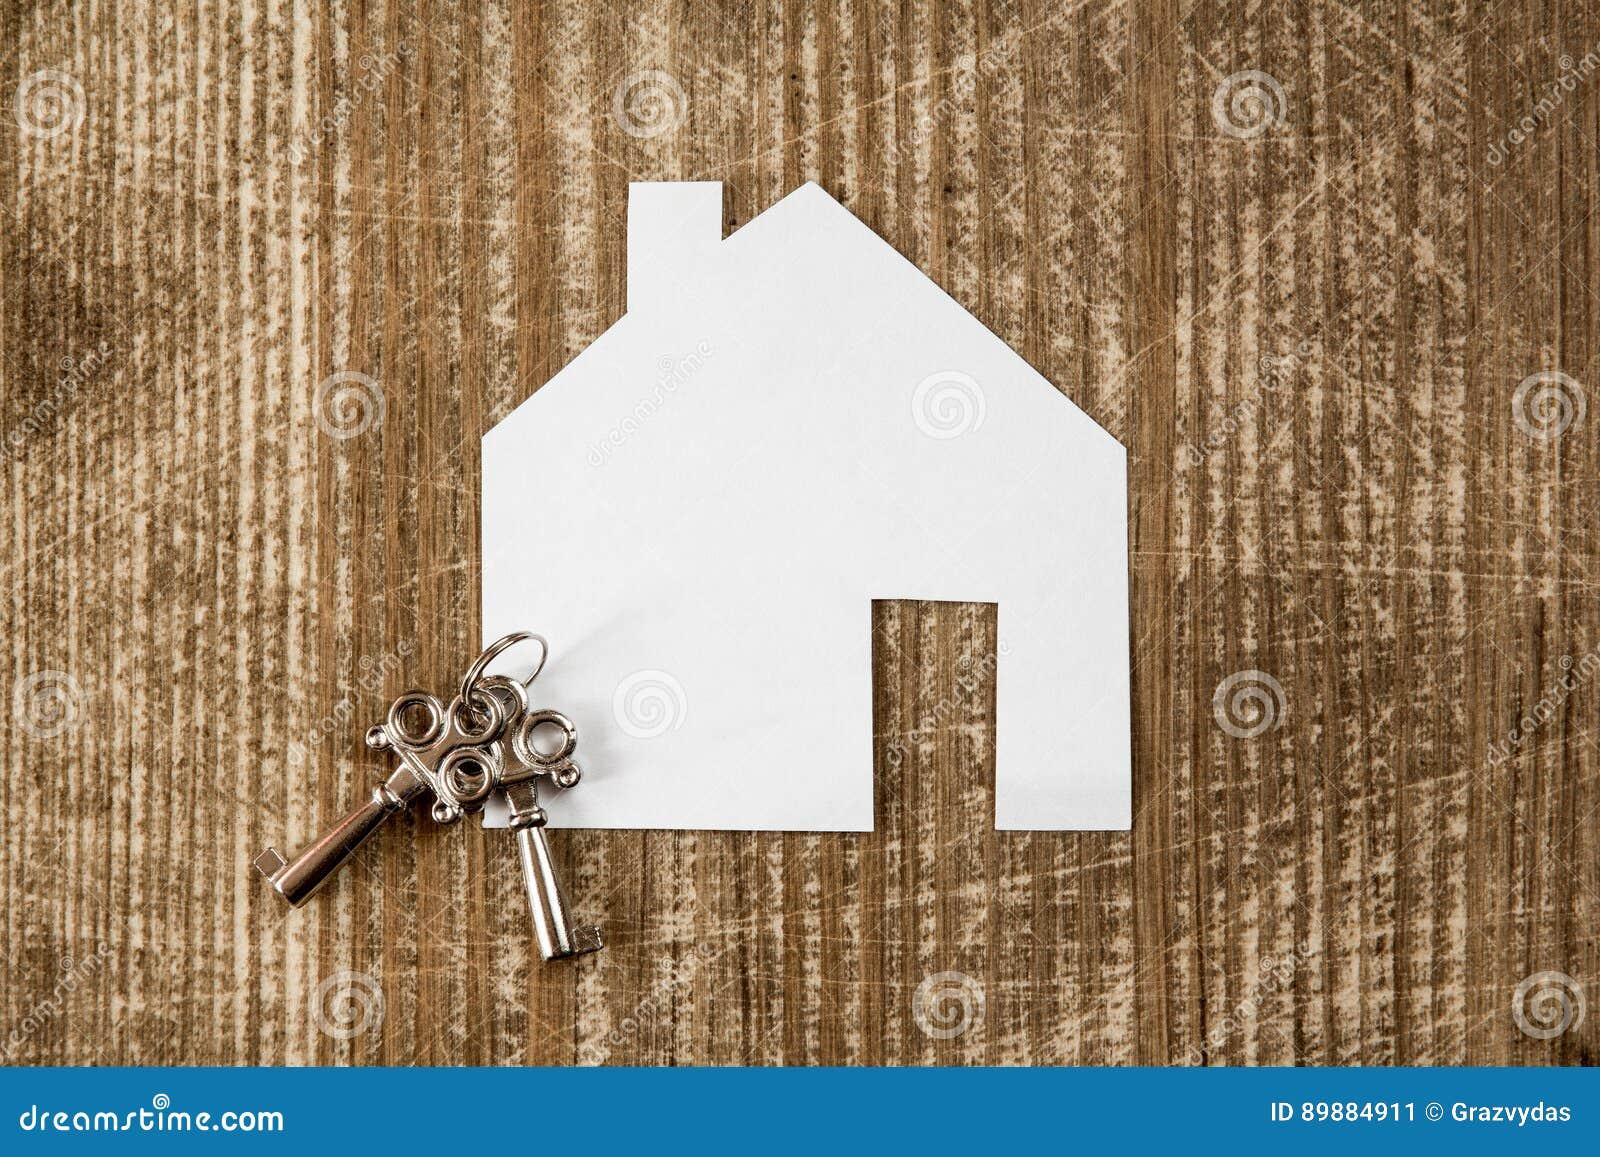 安置象和钥匙,房地产概念